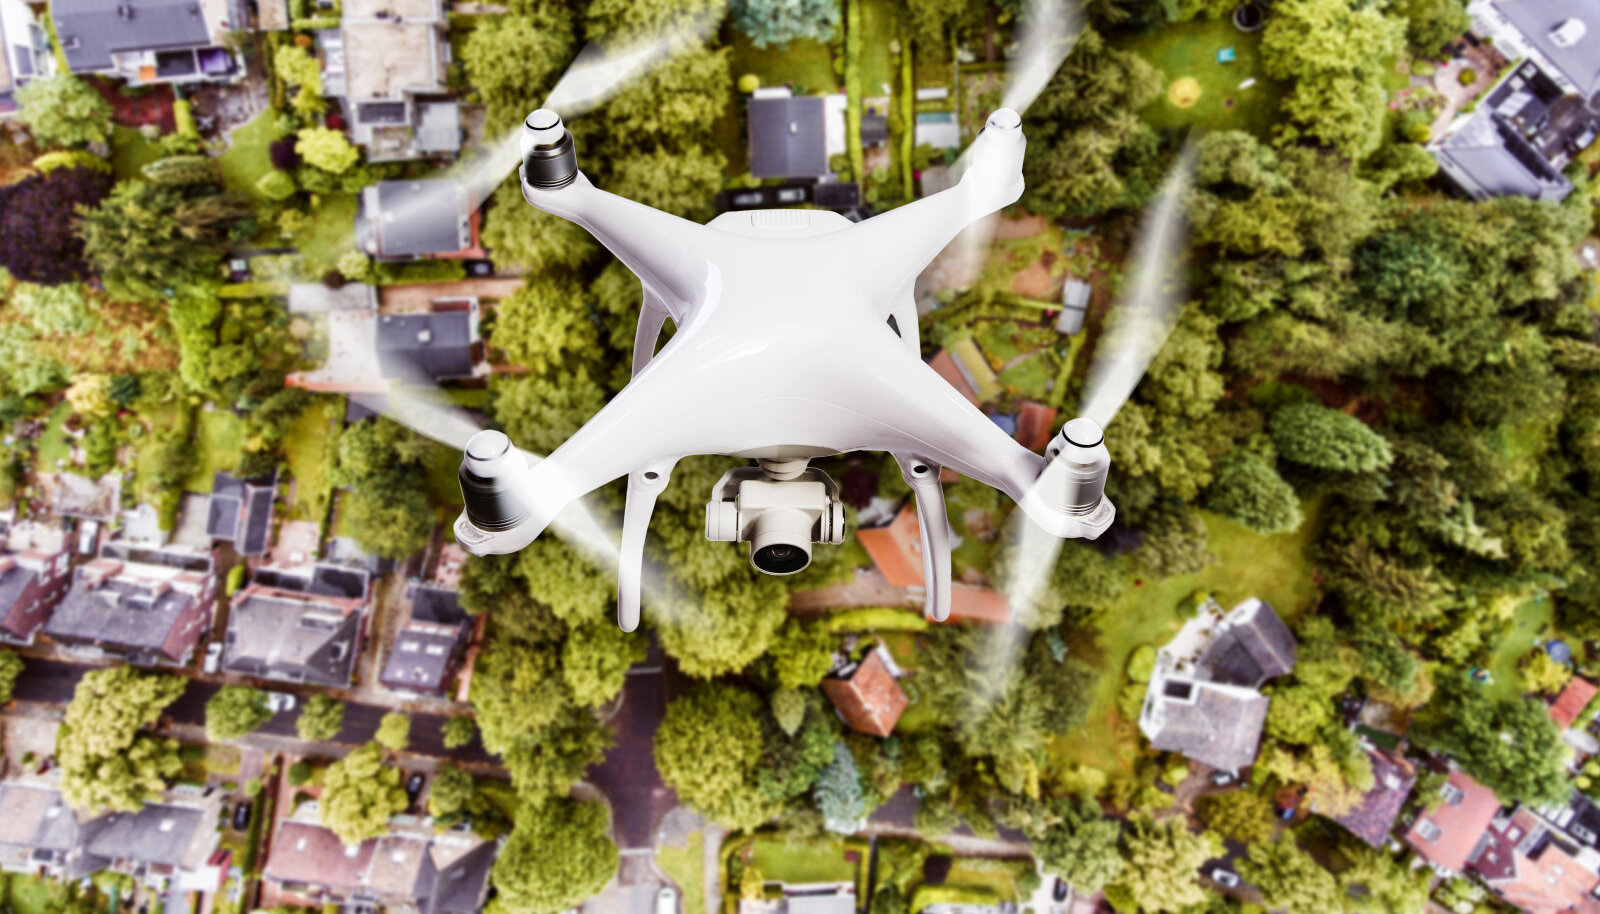 Muude paljude võimaluste kõrval kasutatakse kinnisvaraobjektide turundamisel ka droonivideoid. Kas lendamisest ka müügiprotsessis tõhusat abi on, jääb pärast igaühe enda kalkuleerida.